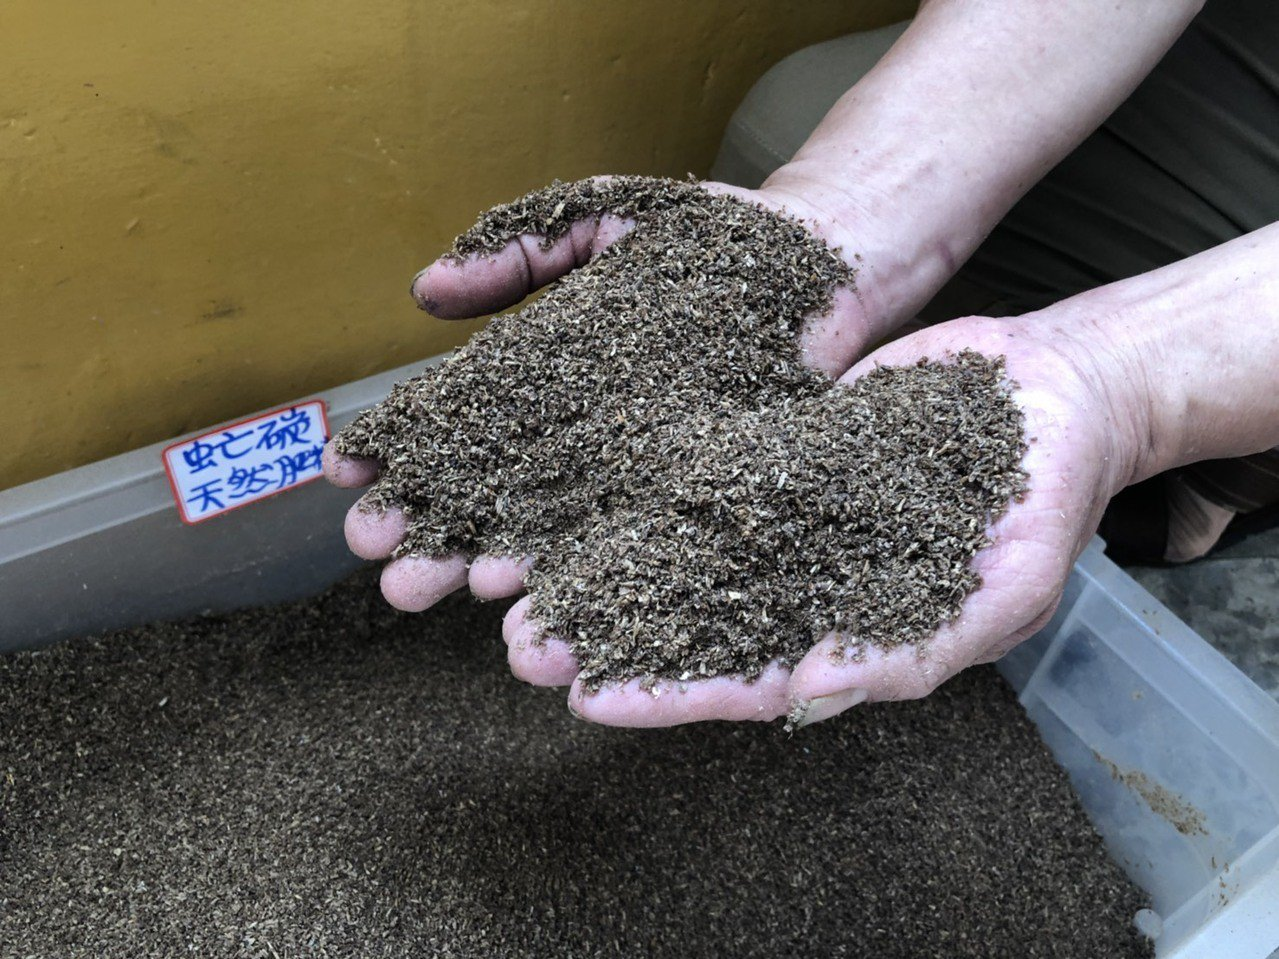 黑水虻消化廚餘後產生的糞便可做為天然肥料,施肥在校園植物,可讓植物生命力更旺盛。...